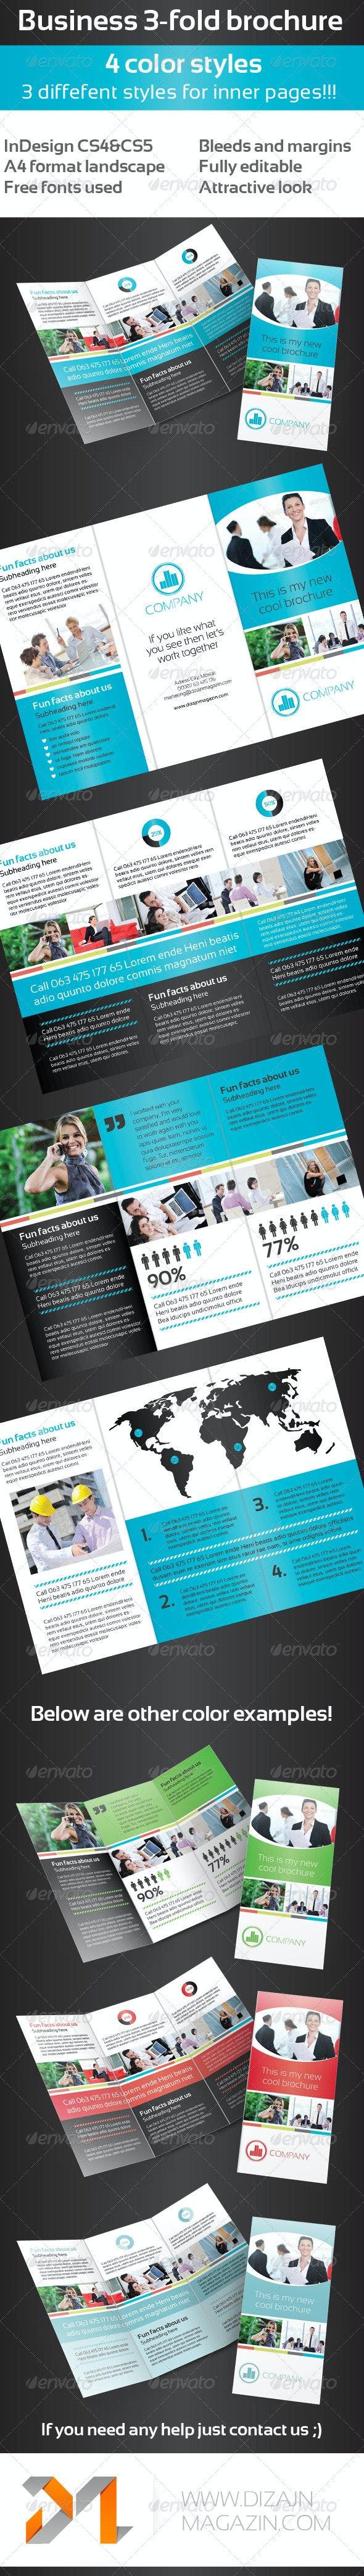 Business 3-Fold Brochure - Multi Color II - Corporate Brochures